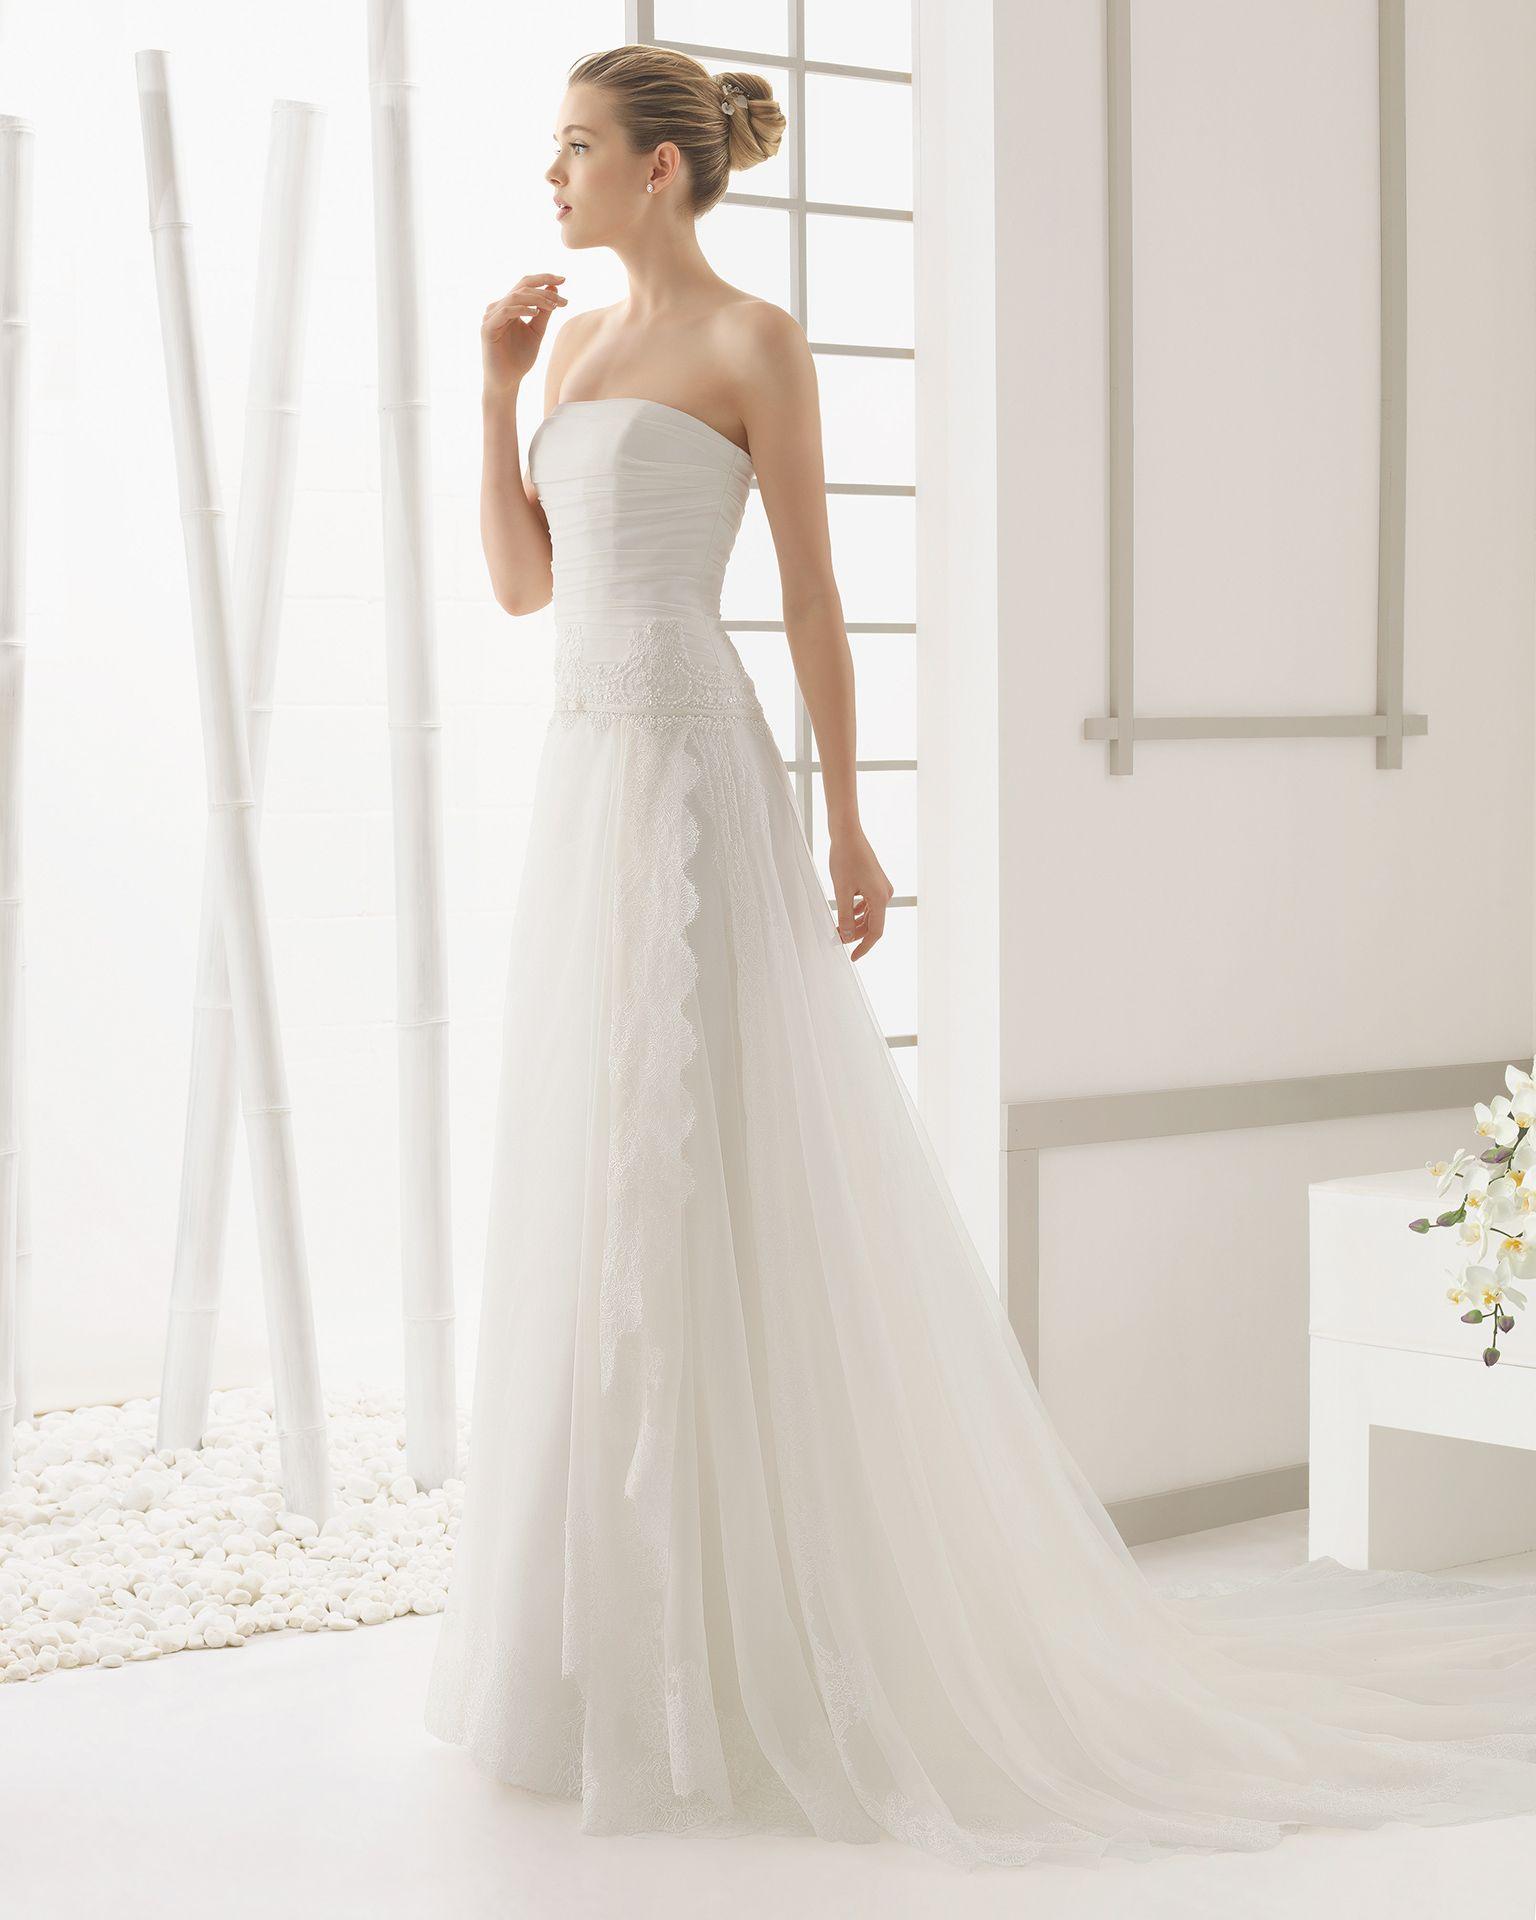 Ecru wedding dress  Daniela  Sposa  Collezione  Rosa clara Wedding dress and Wedding